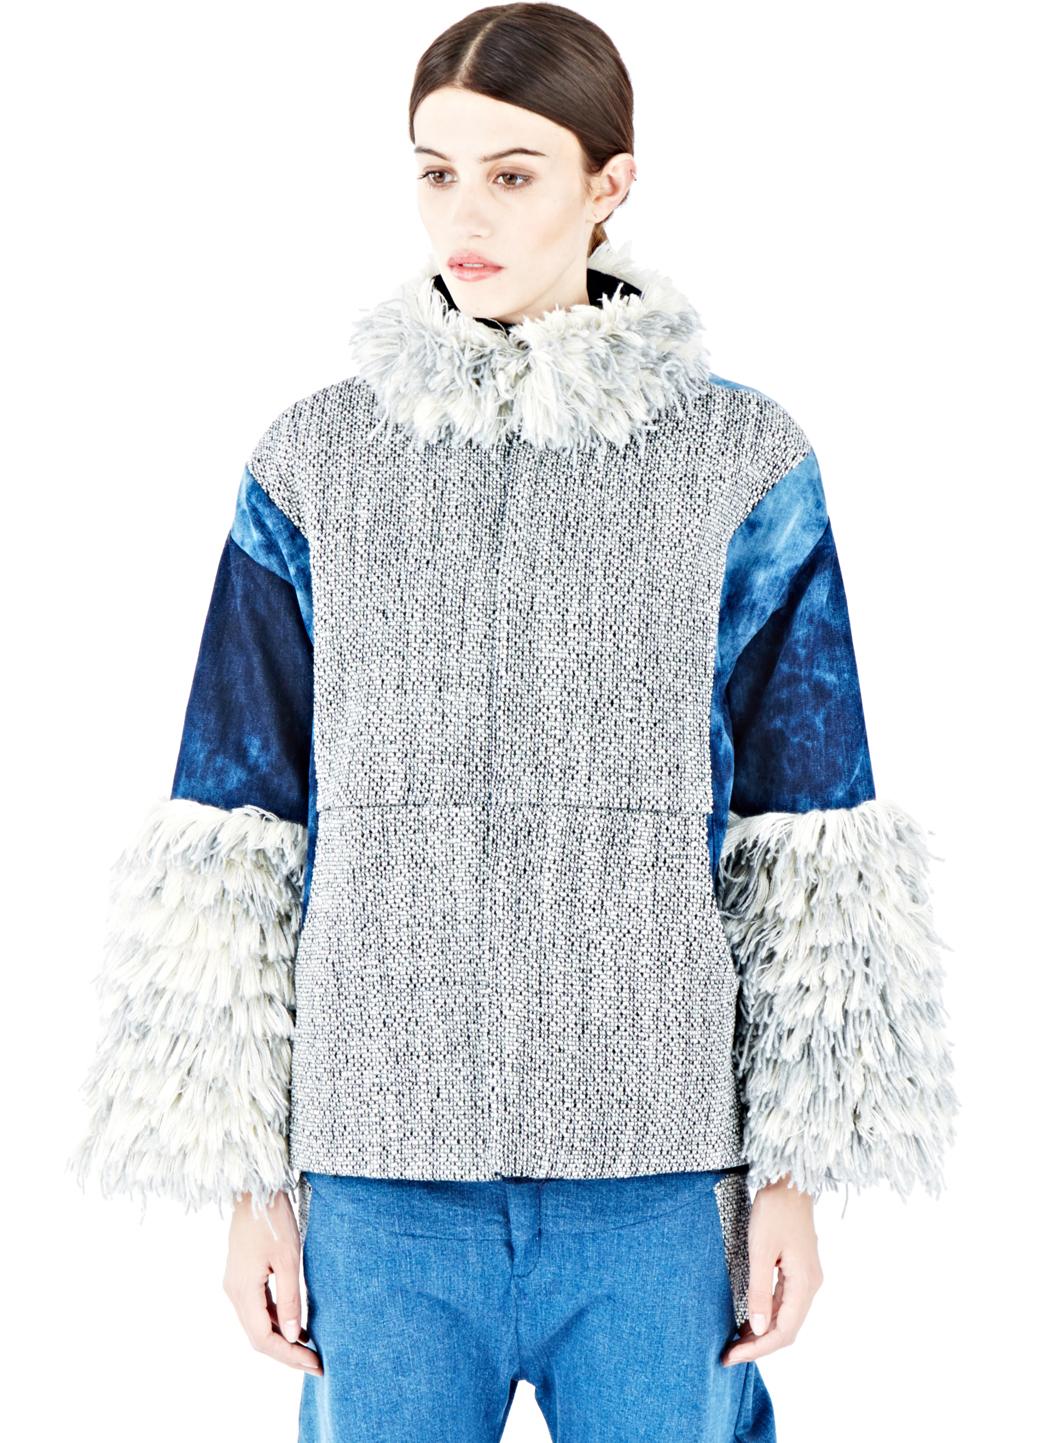 Lyst The Autonomous Collections Women S Wool Denim